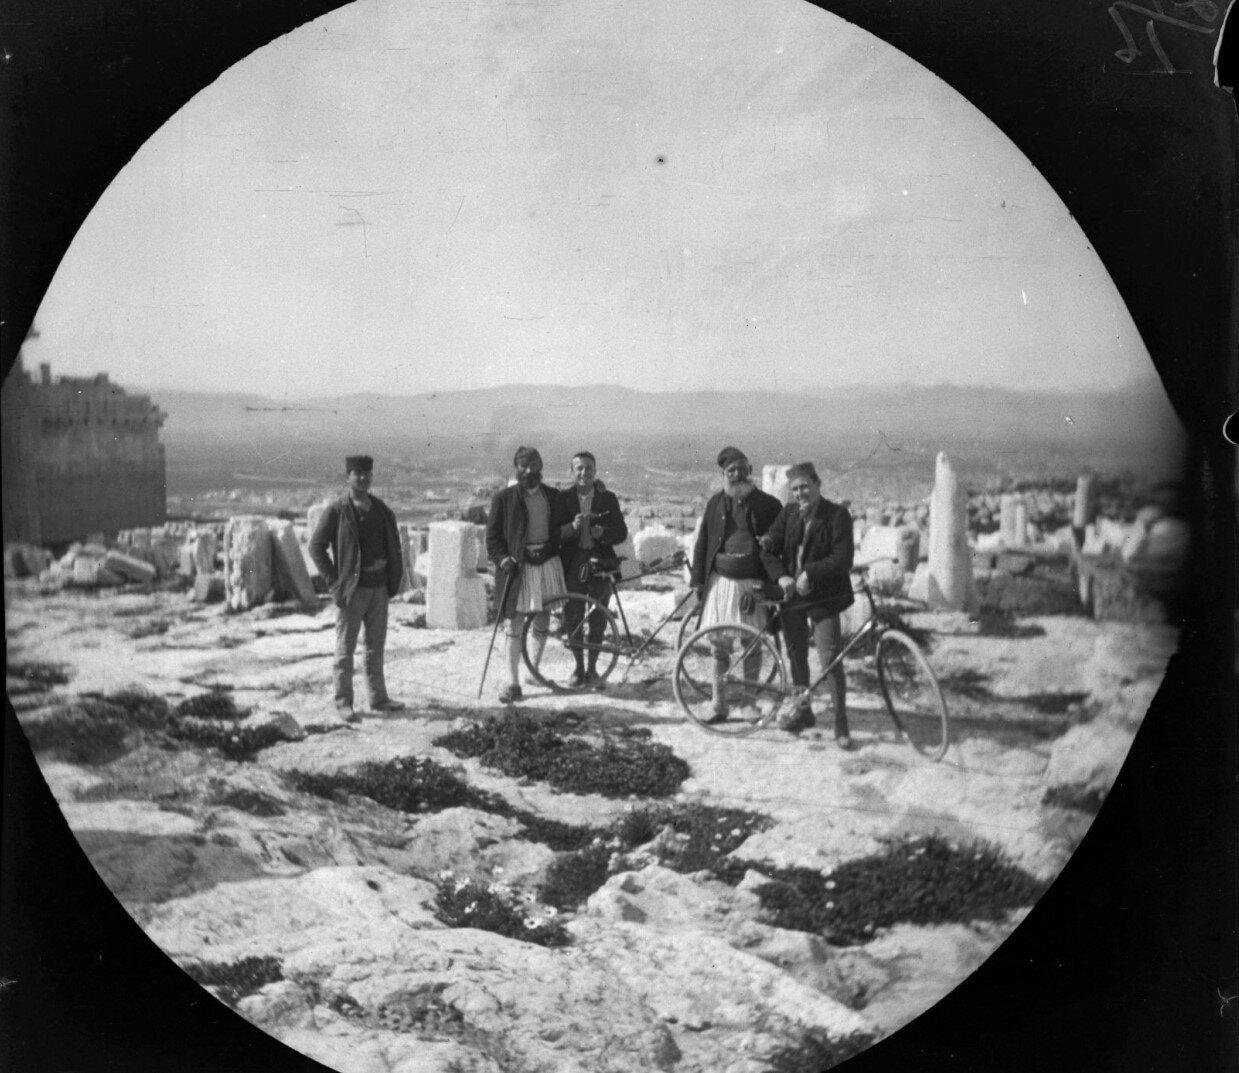 Уильям Захтлебен и Том Аллен на Акрополе позирует с охранниками там, где когда-то стояла статуя Афины Промахос